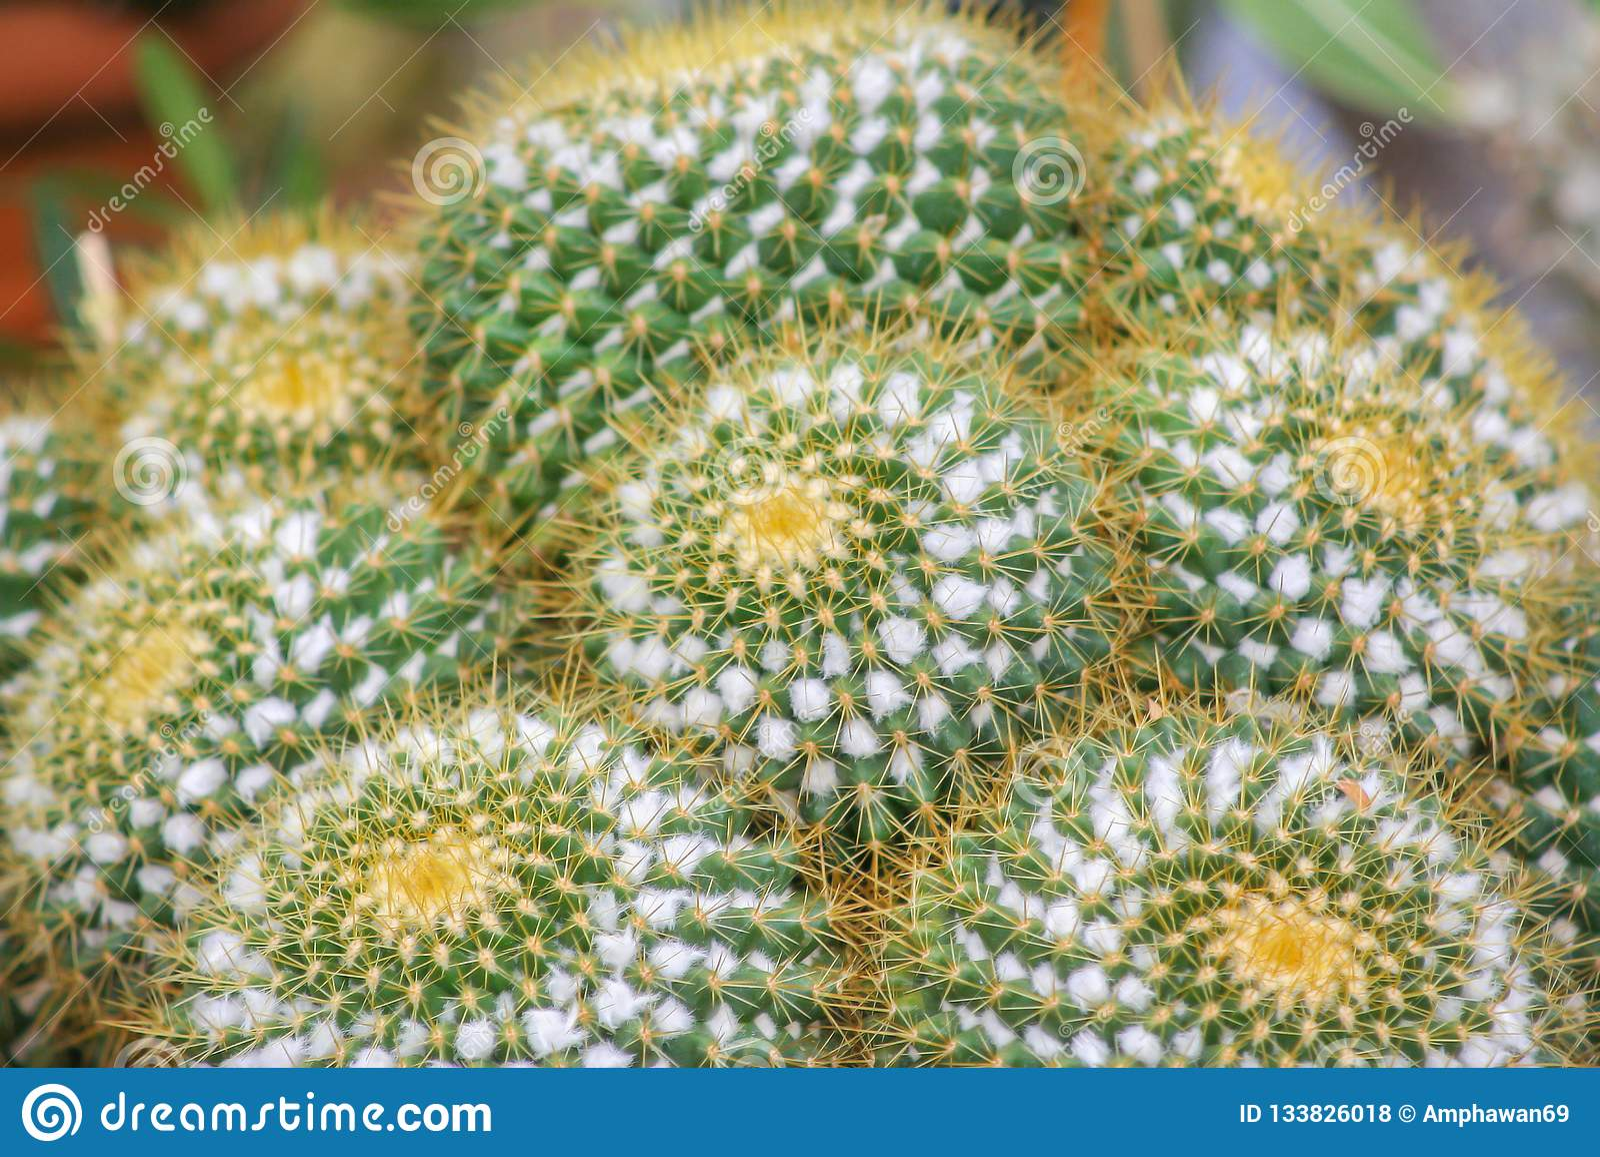 Grusonii de Echinocactus o cactus de barril de oro, planta ornamental del pote